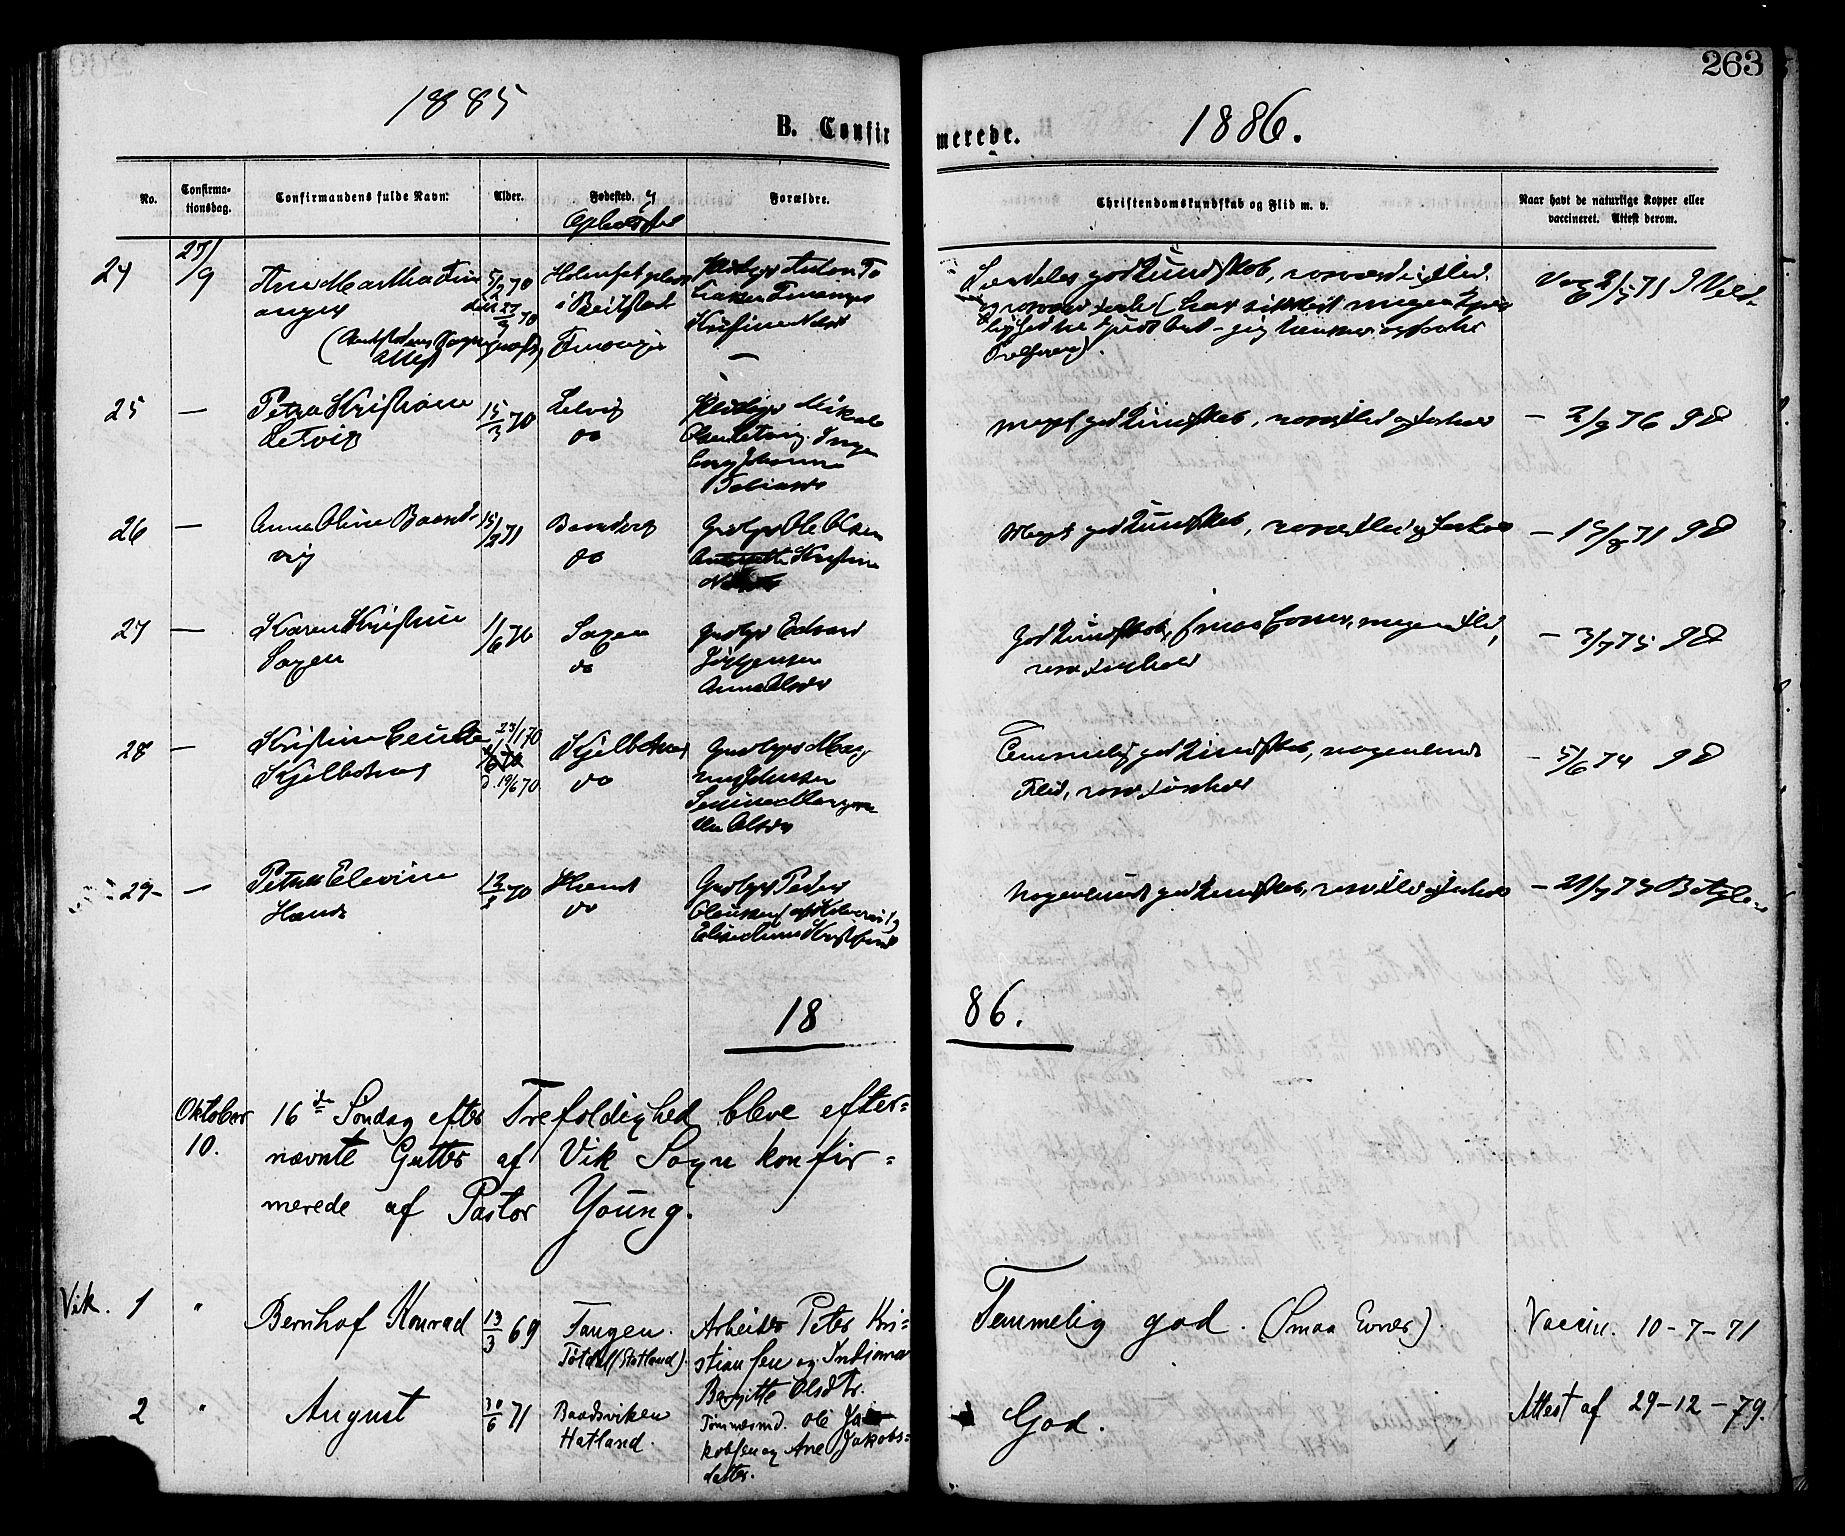 SAT, Ministerialprotokoller, klokkerbøker og fødselsregistre - Nord-Trøndelag, 773/L0616: Ministerialbok nr. 773A07, 1870-1887, s. 263